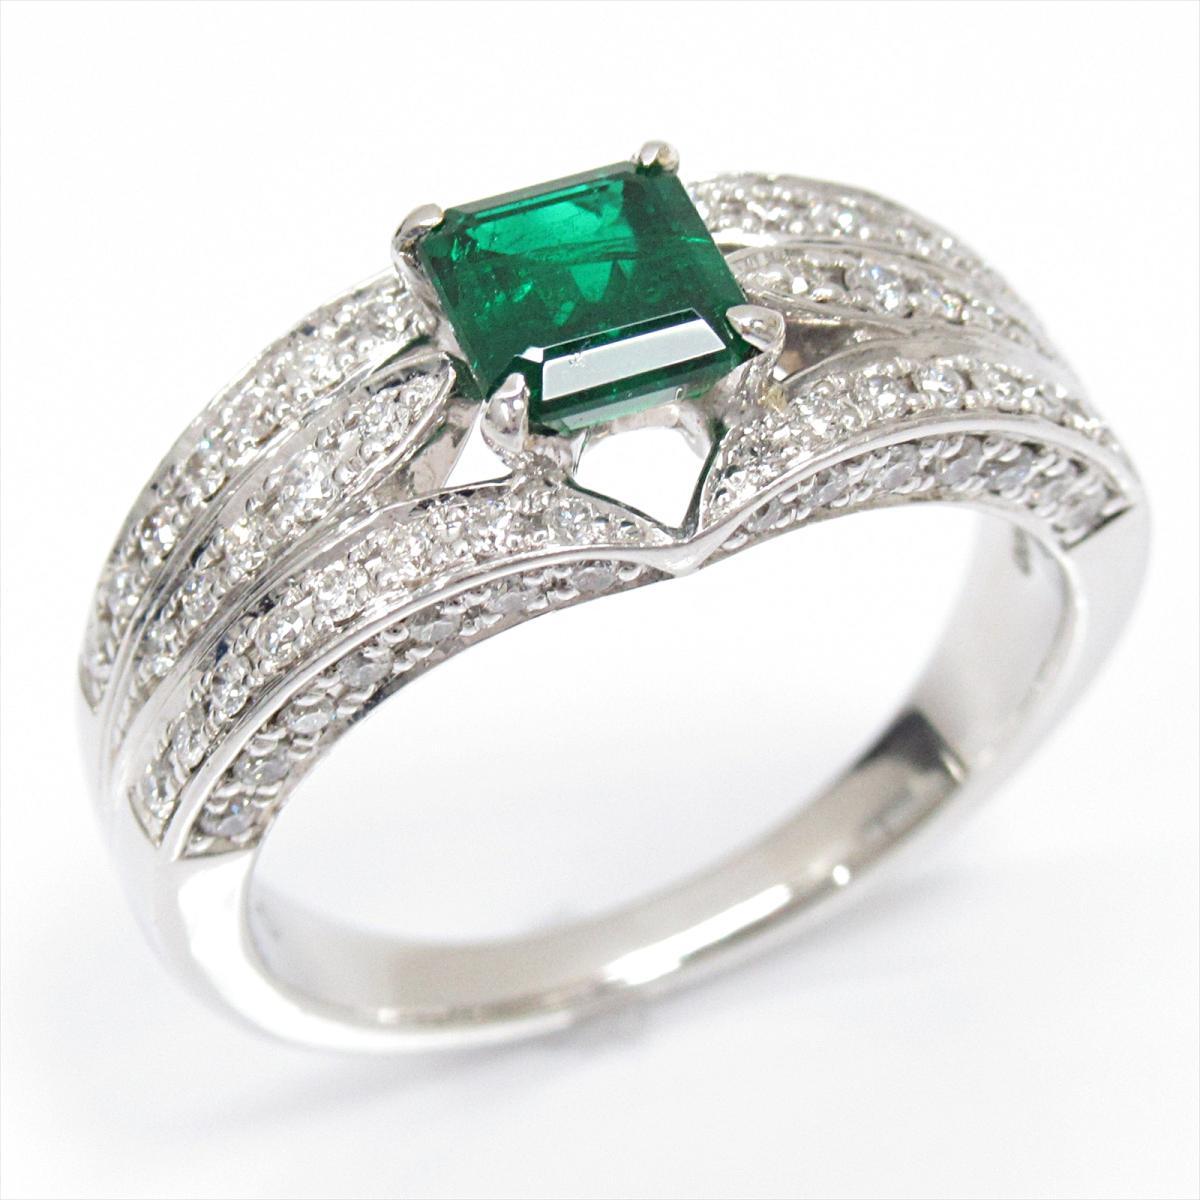 【はこぽす対応商品】 【】 x ジュエリー (0.72ct) エメラルドリング 指輪 レディース PT900 プラチナ x JEWELRY エメラルド (0.72ct) x ダイヤモンド (0.50ct)   JEWELRY リング Ring 美品 ブランドオフ, VC工業株式会社:d82ddc4e --- greencard.progsite.com